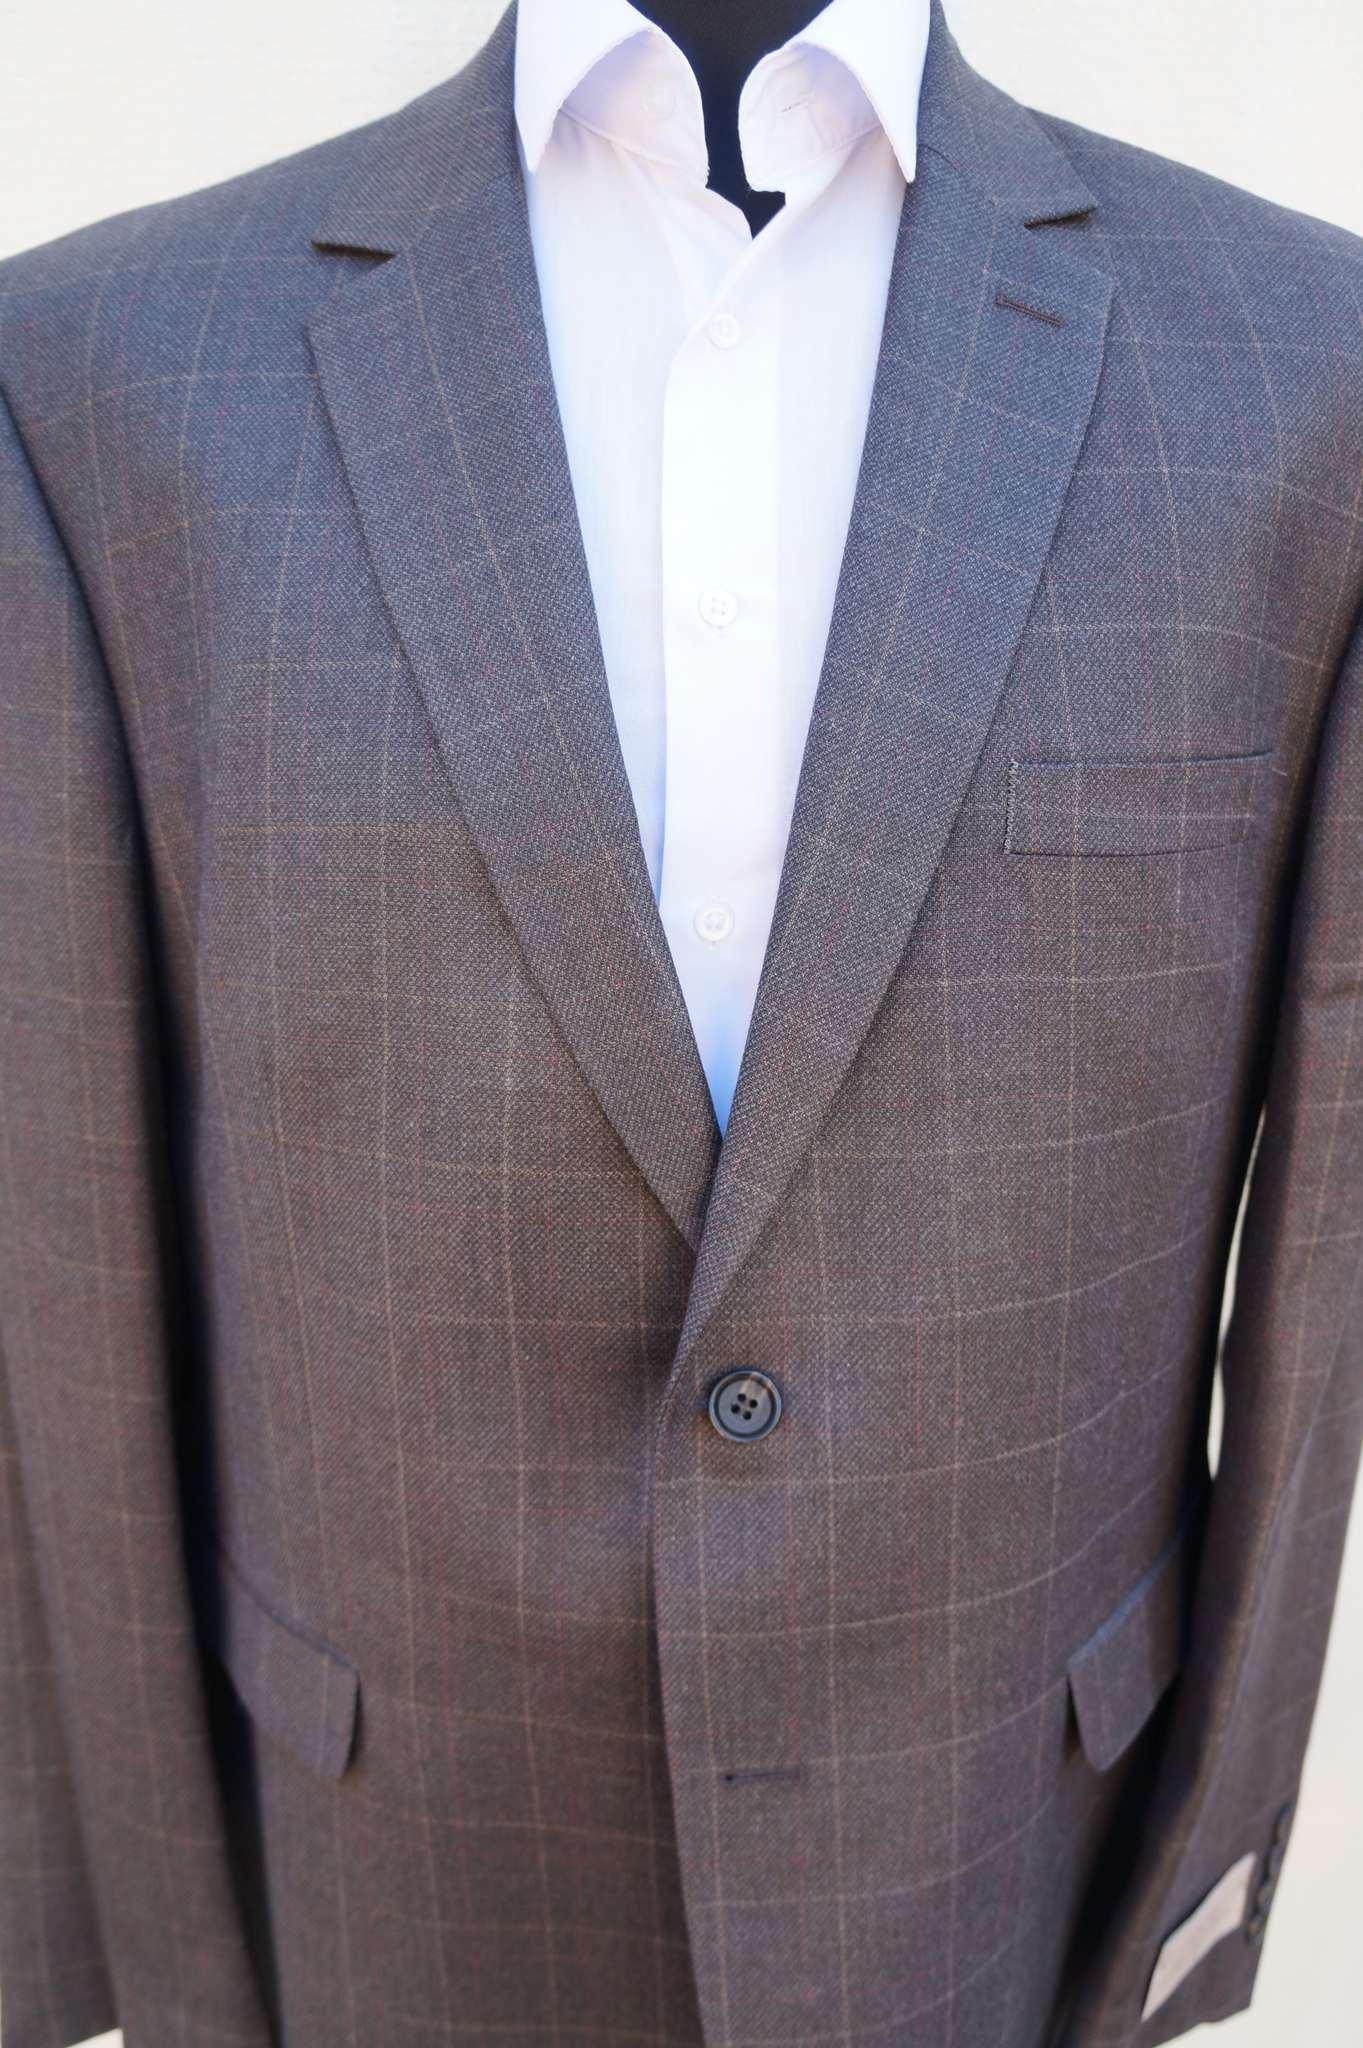 Пиджаки великаны SACO / Пиджак великан DSC00811-min.JPG